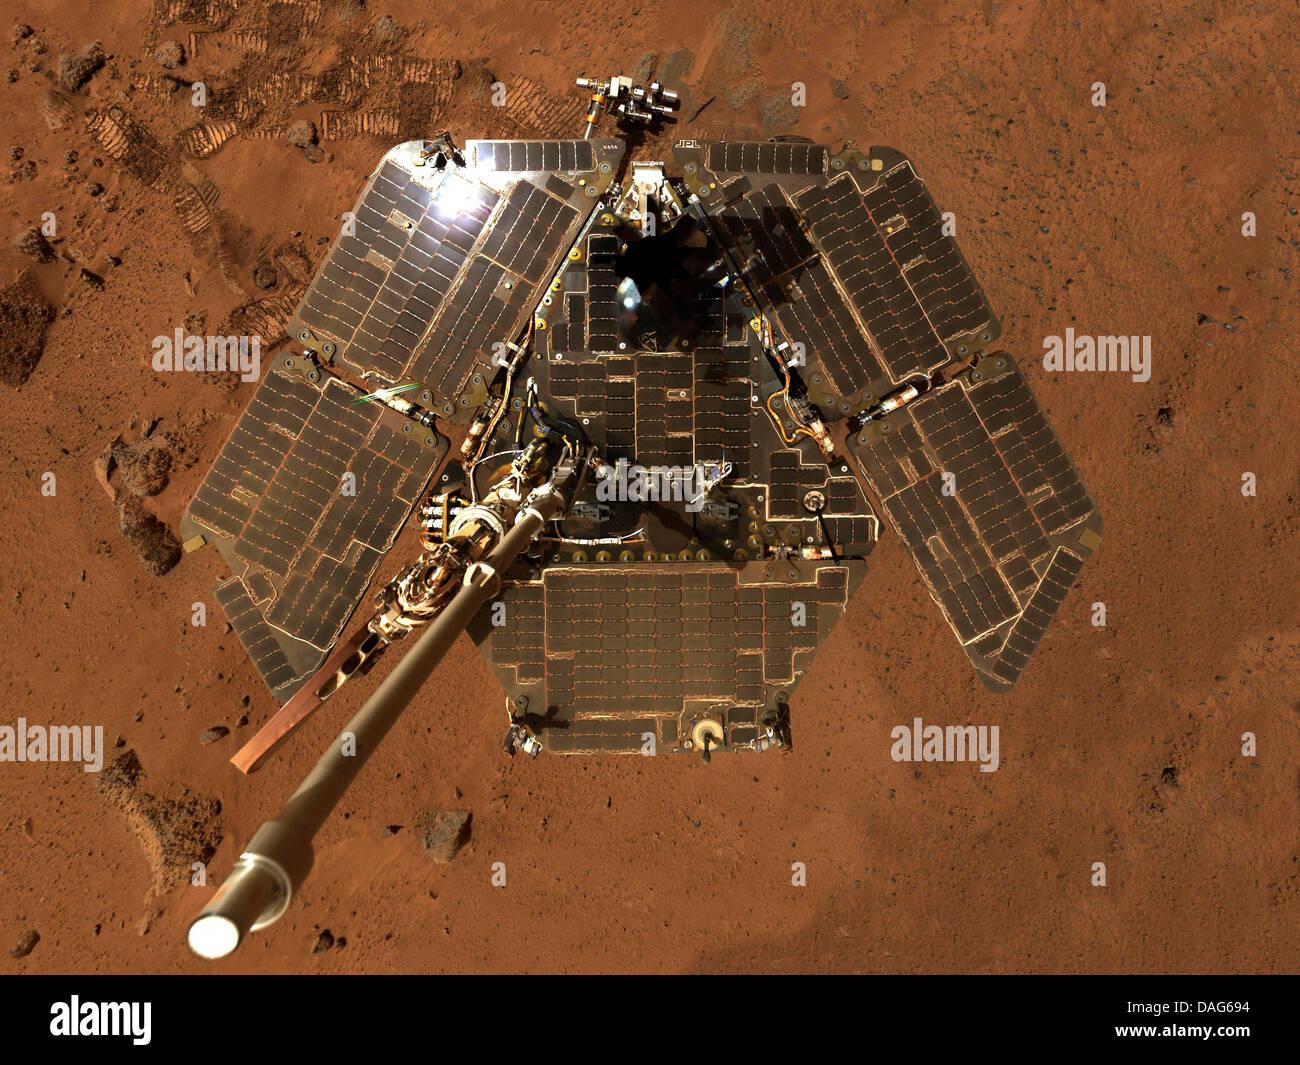 Spirit mer a mars exploration rover a a robotic rover on